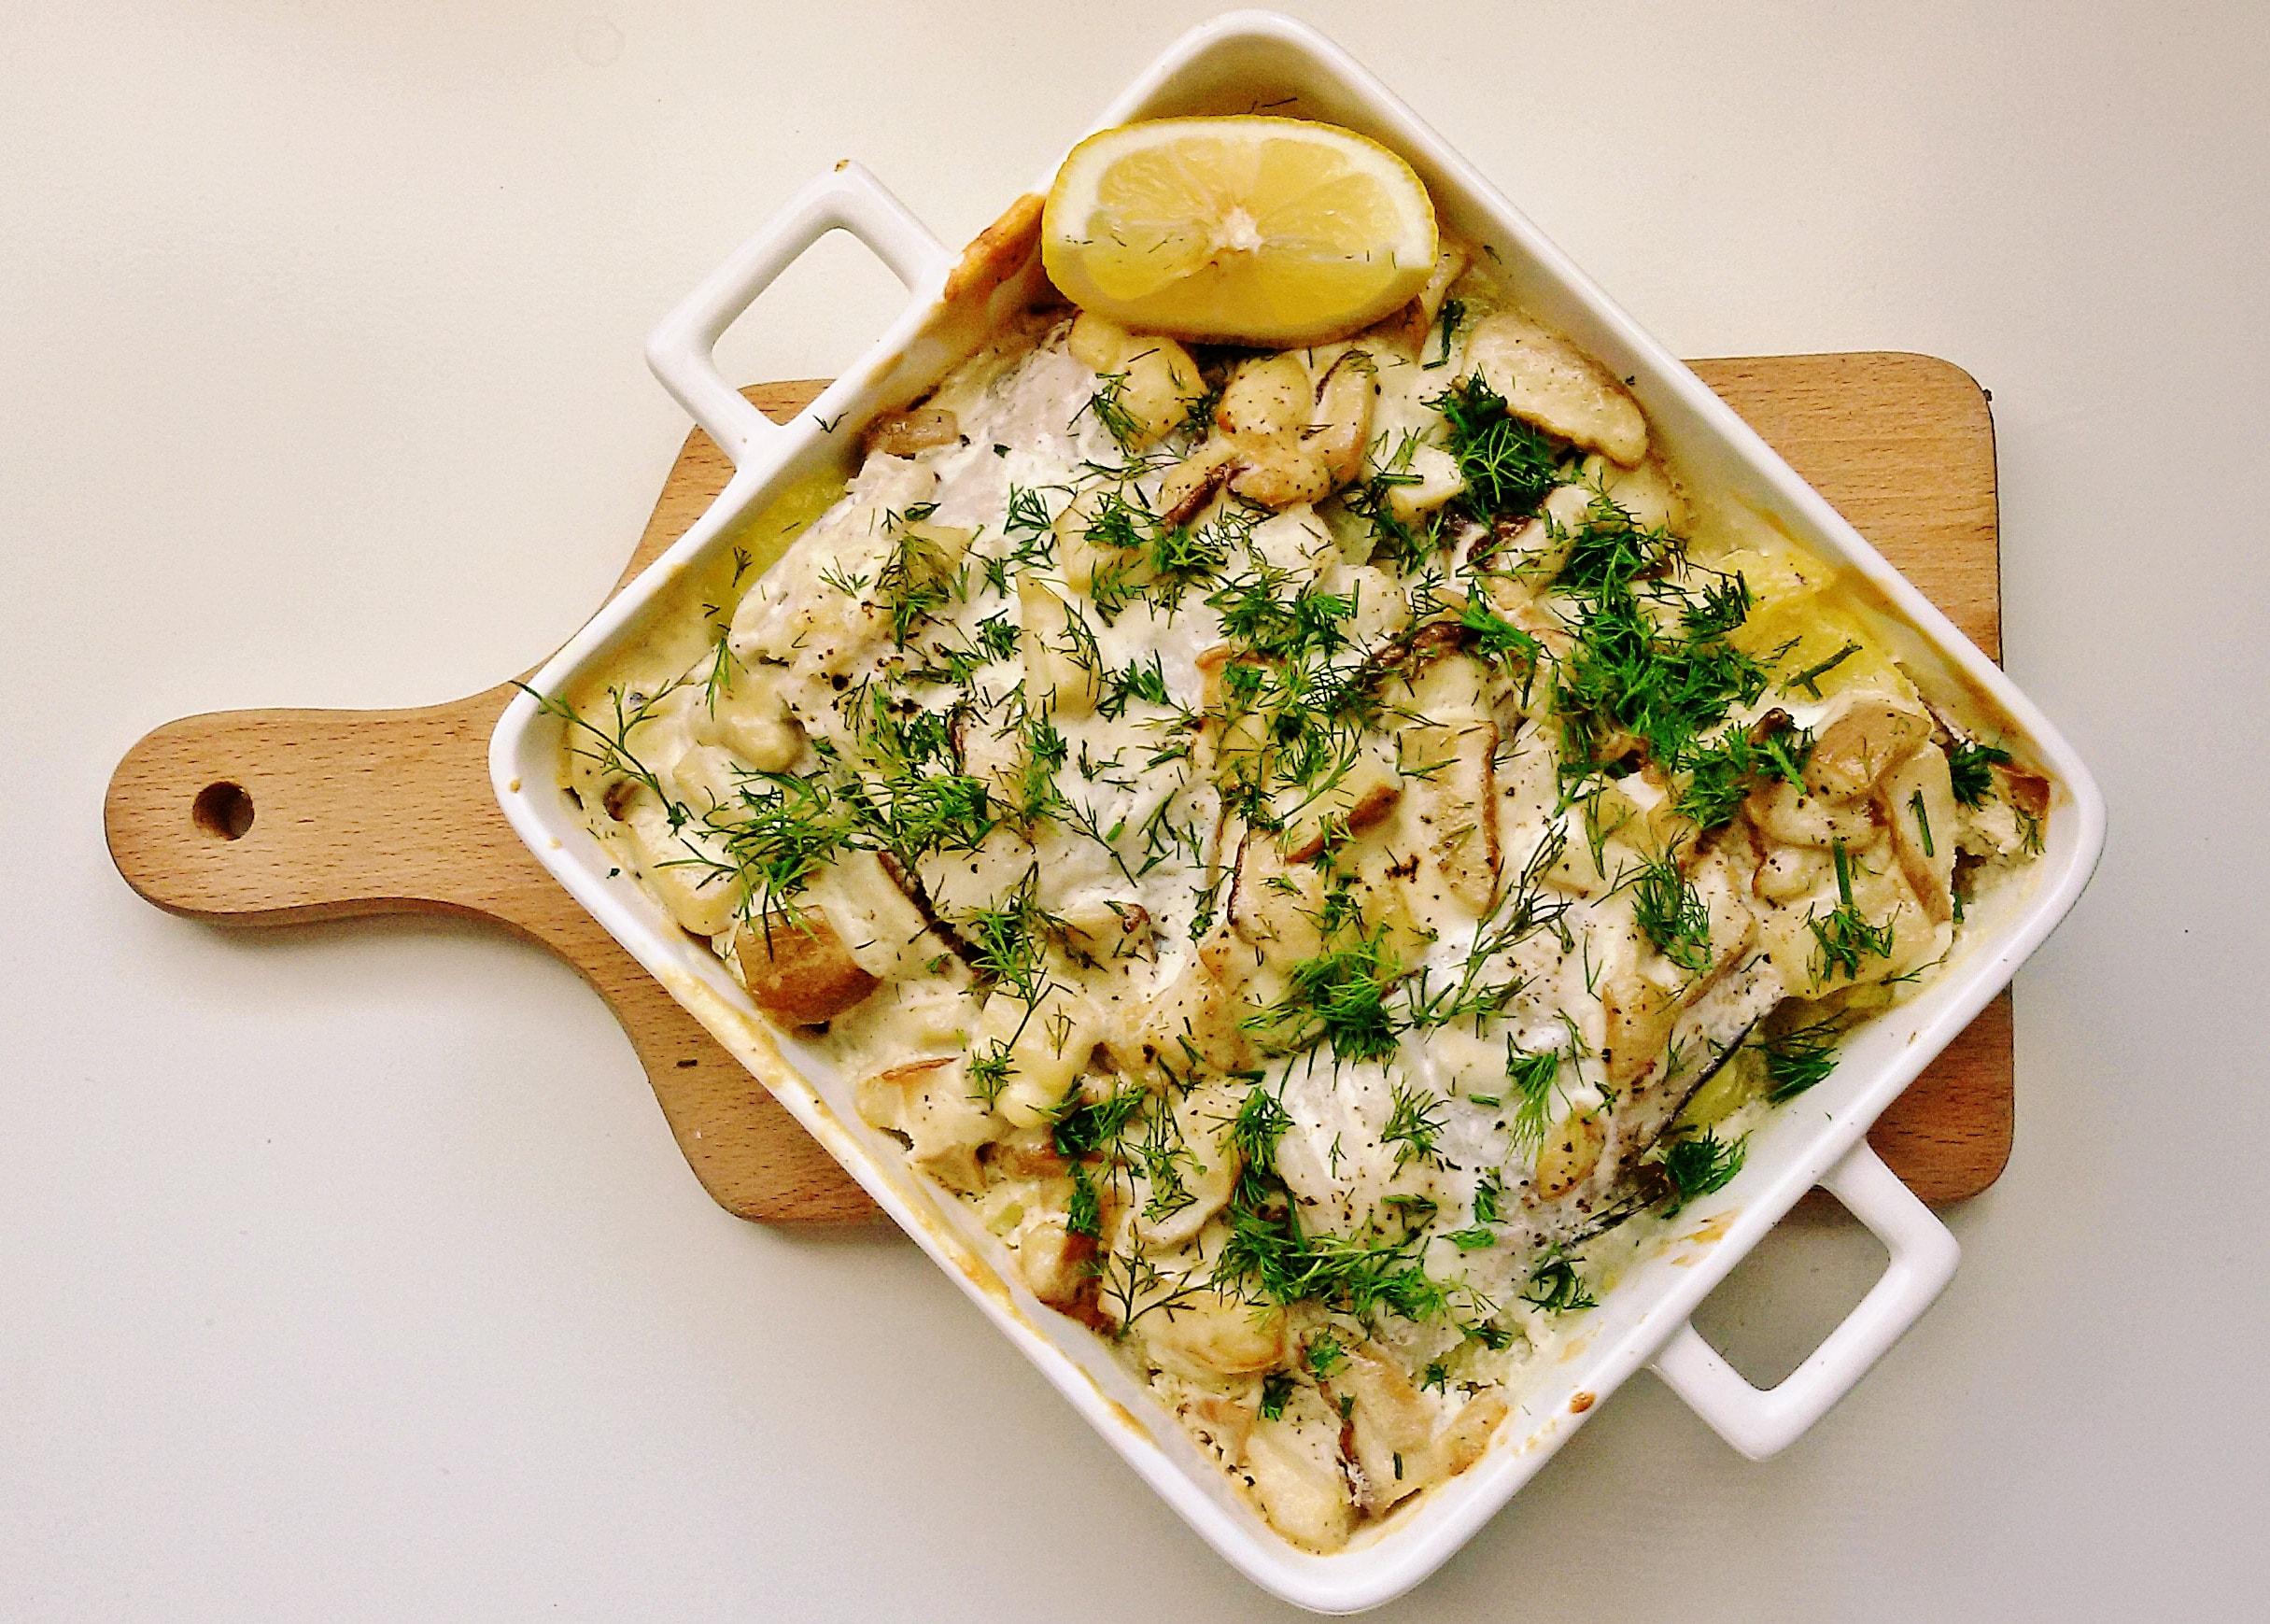 Czy warto jeść grzyby? Przepis na zapiekankę z borowikami